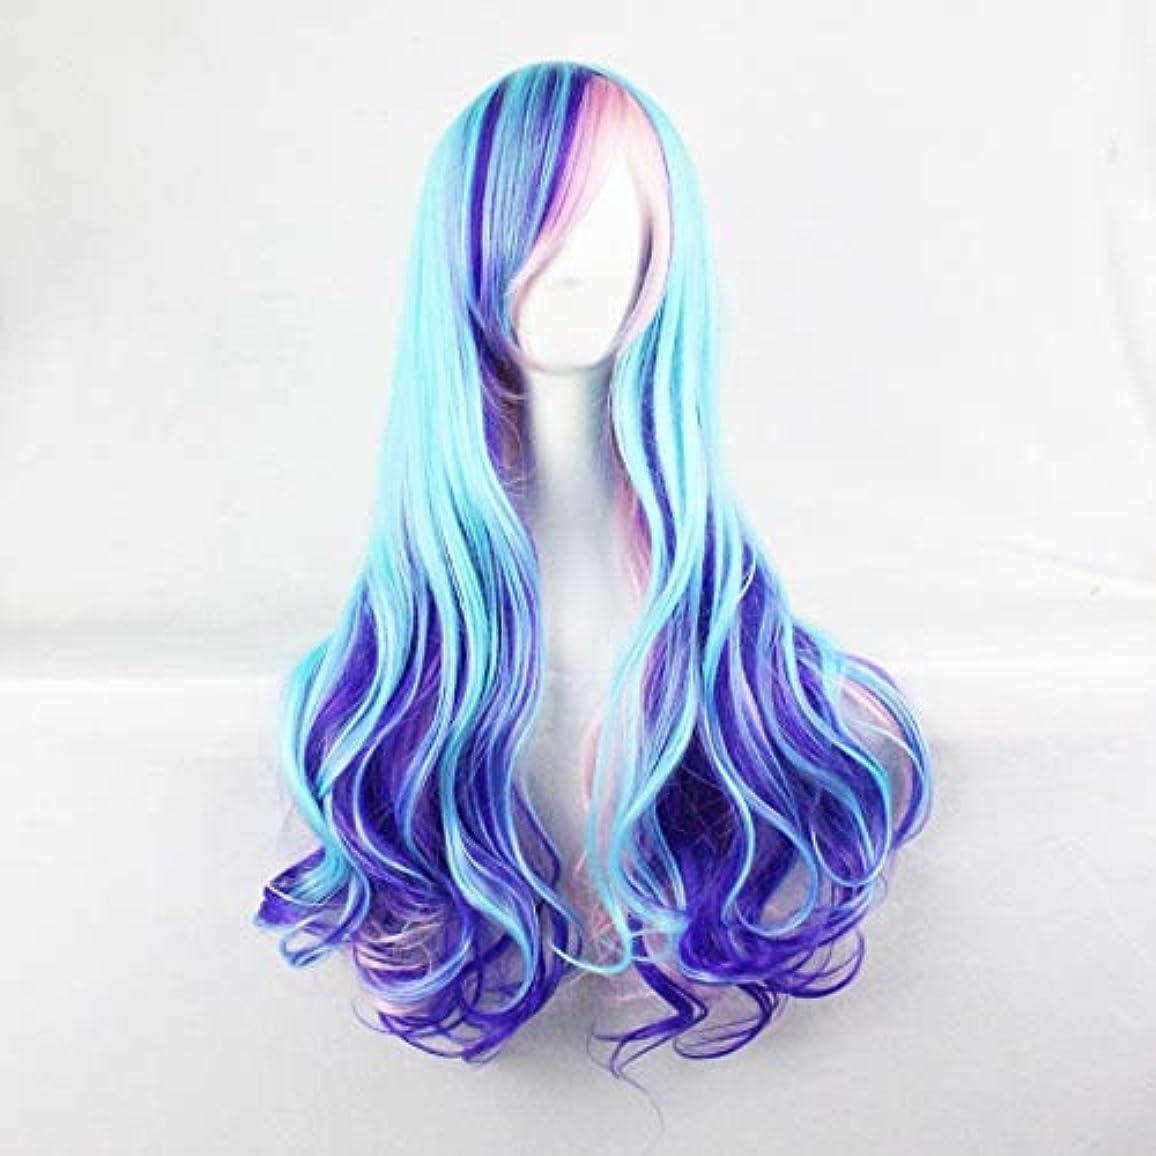 死すべき無人ラテンかつらキャップでかつらファンシードレスカールかつら女性用高品質合成毛髪コスプレ高密度かつら女性&女の子ブルー、ピンク、パープル (Color : 青)